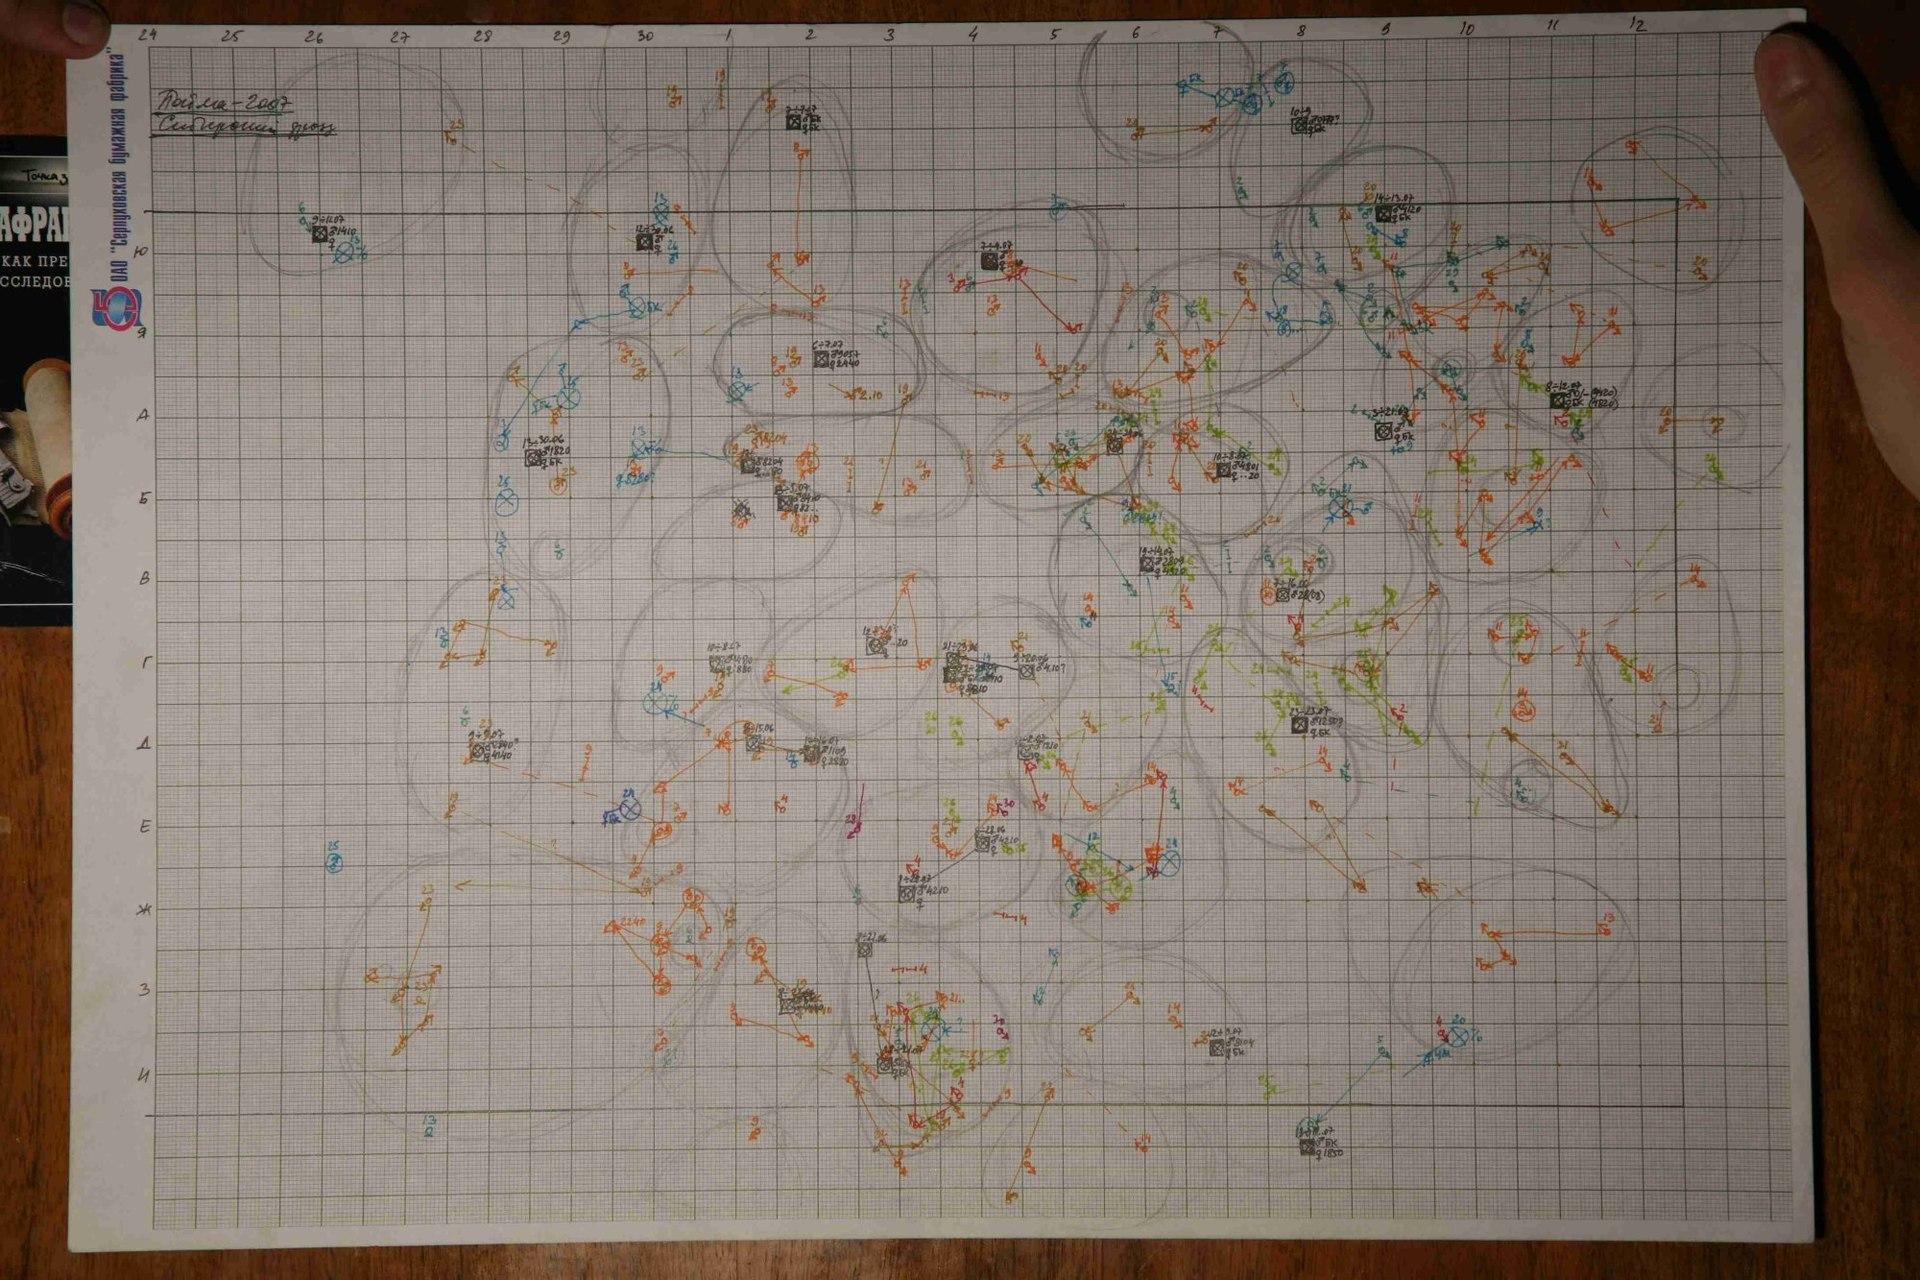 Common Bird Census, или биоинформатика в орнитологии. Проект в хорошие руки - 7